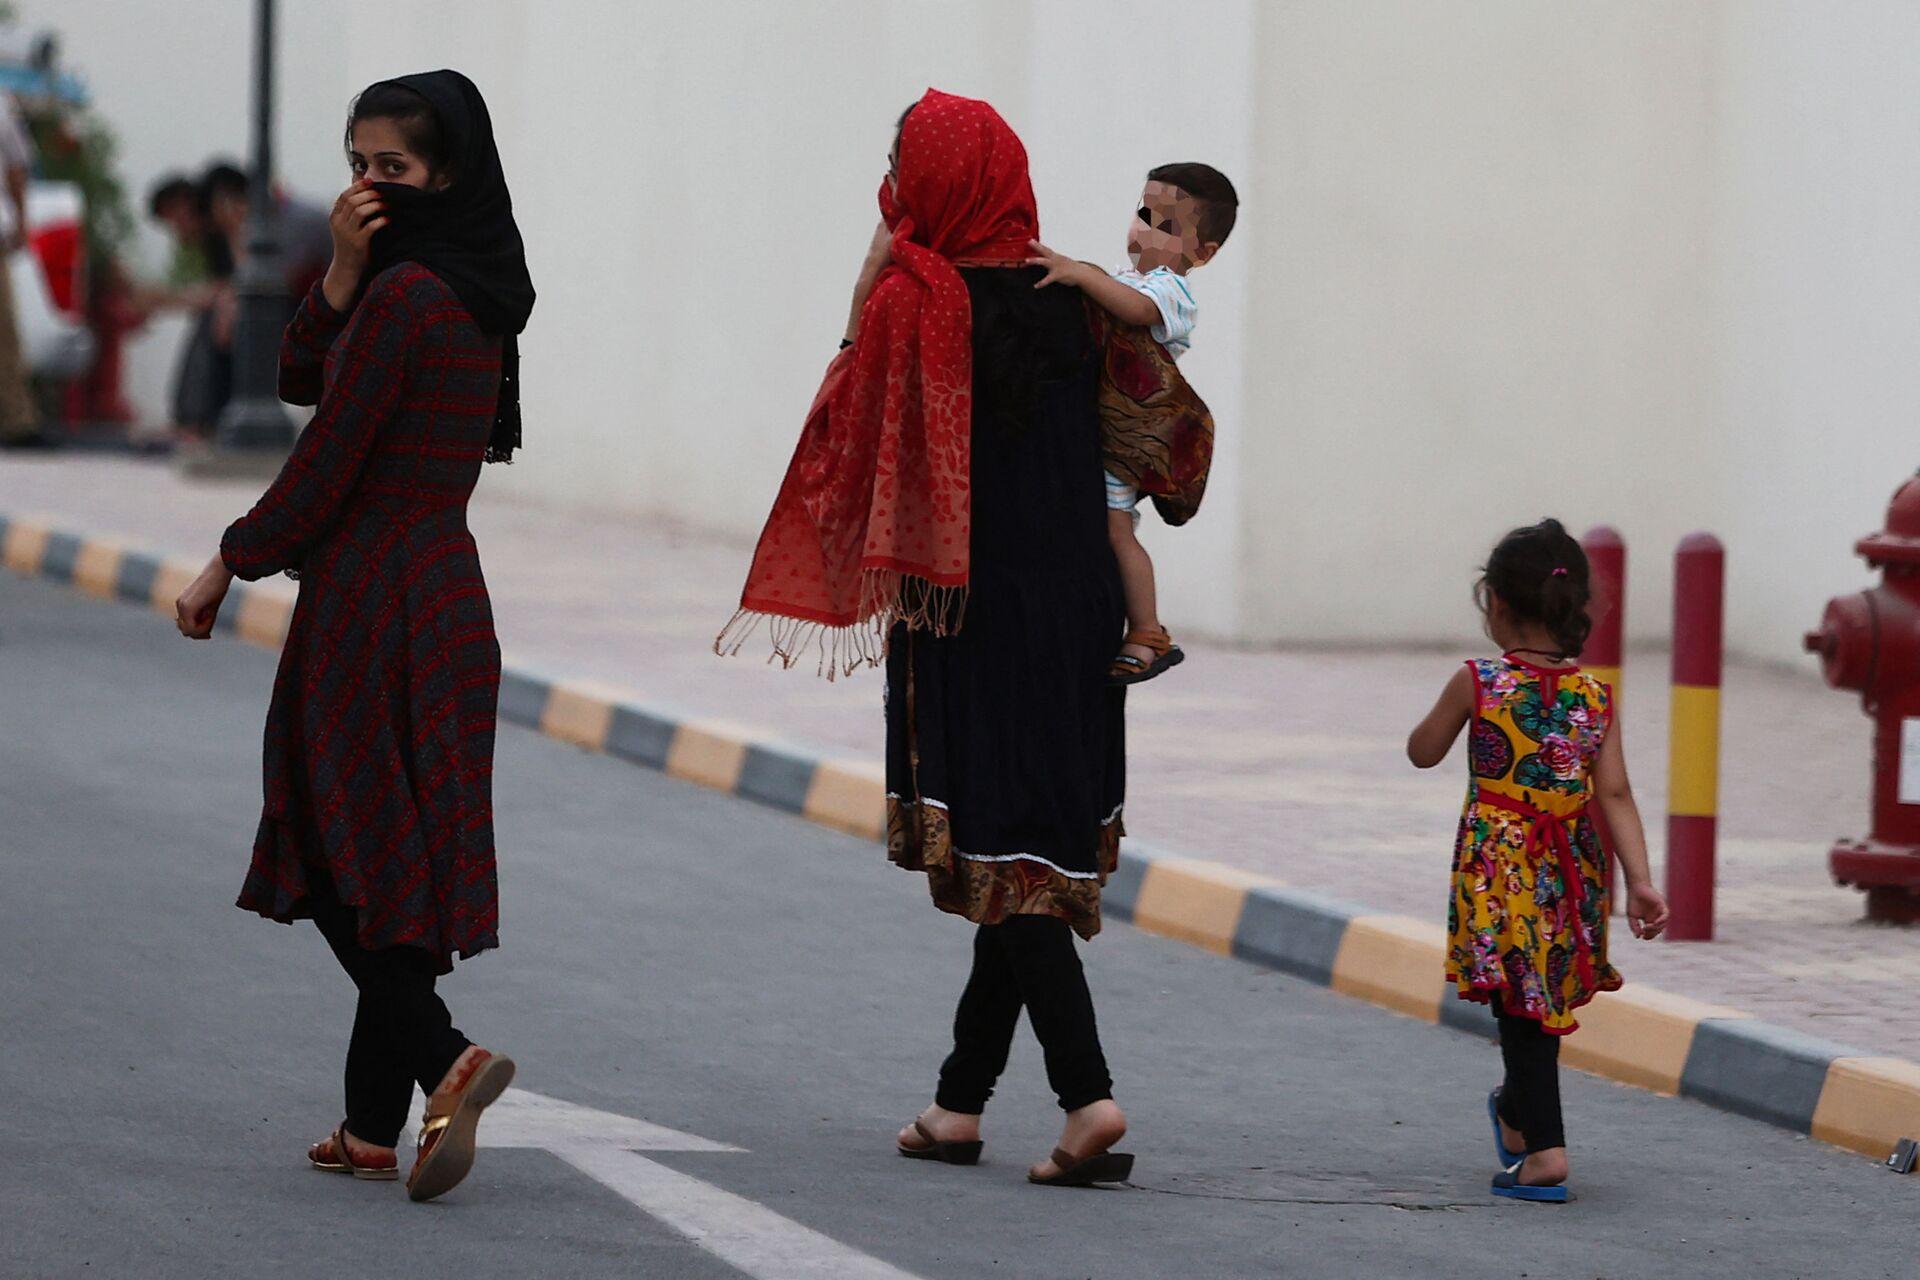 Афганские дети и женщины в комплексе вилл в Катаре  - Sputnik Тоҷикистон, 1920, 29.09.2021